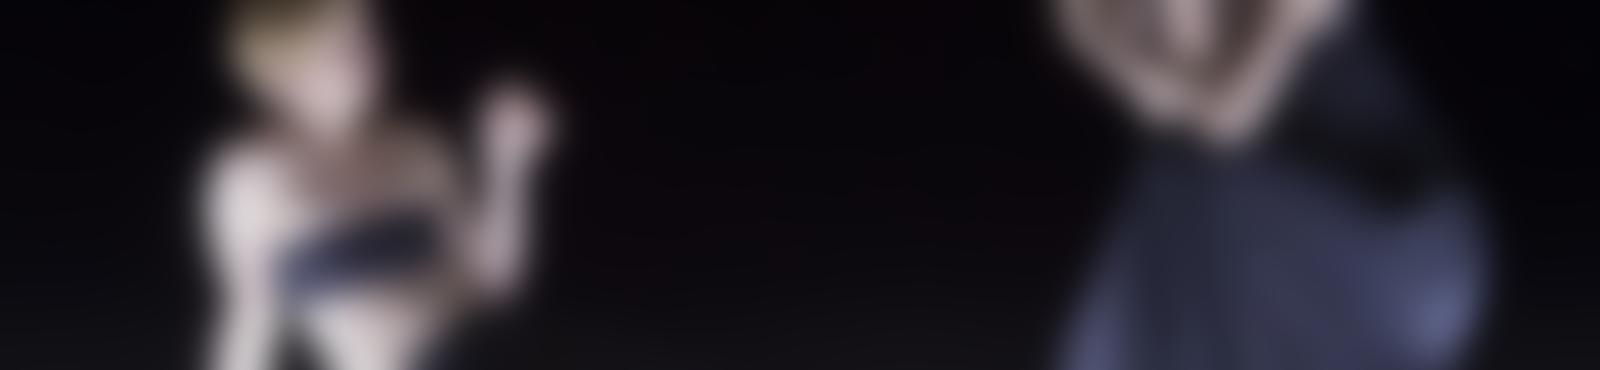 Blurred 9e6b34a9 2cd1 491e 9707 e8292d64a1fc